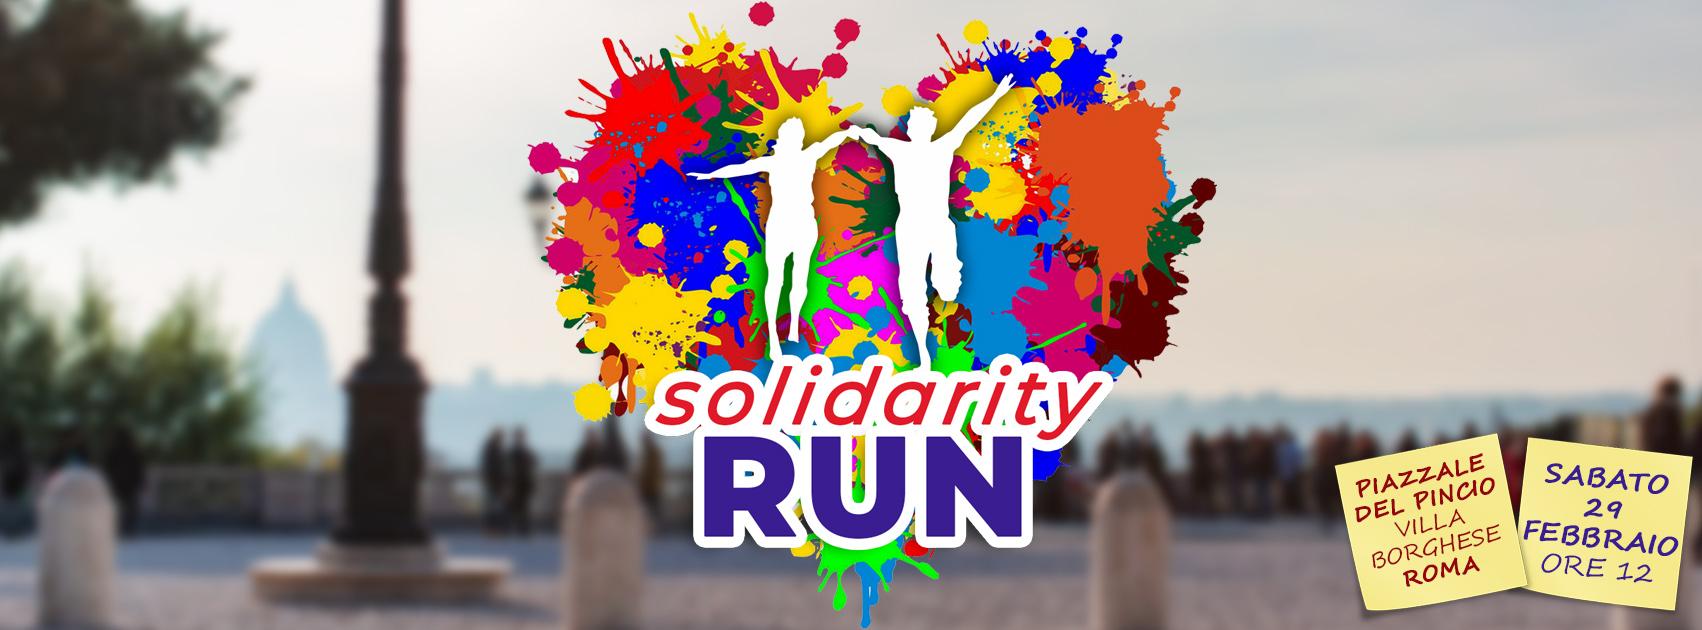 Villa Borghese: Solidarity Run Saturday 29 February 3